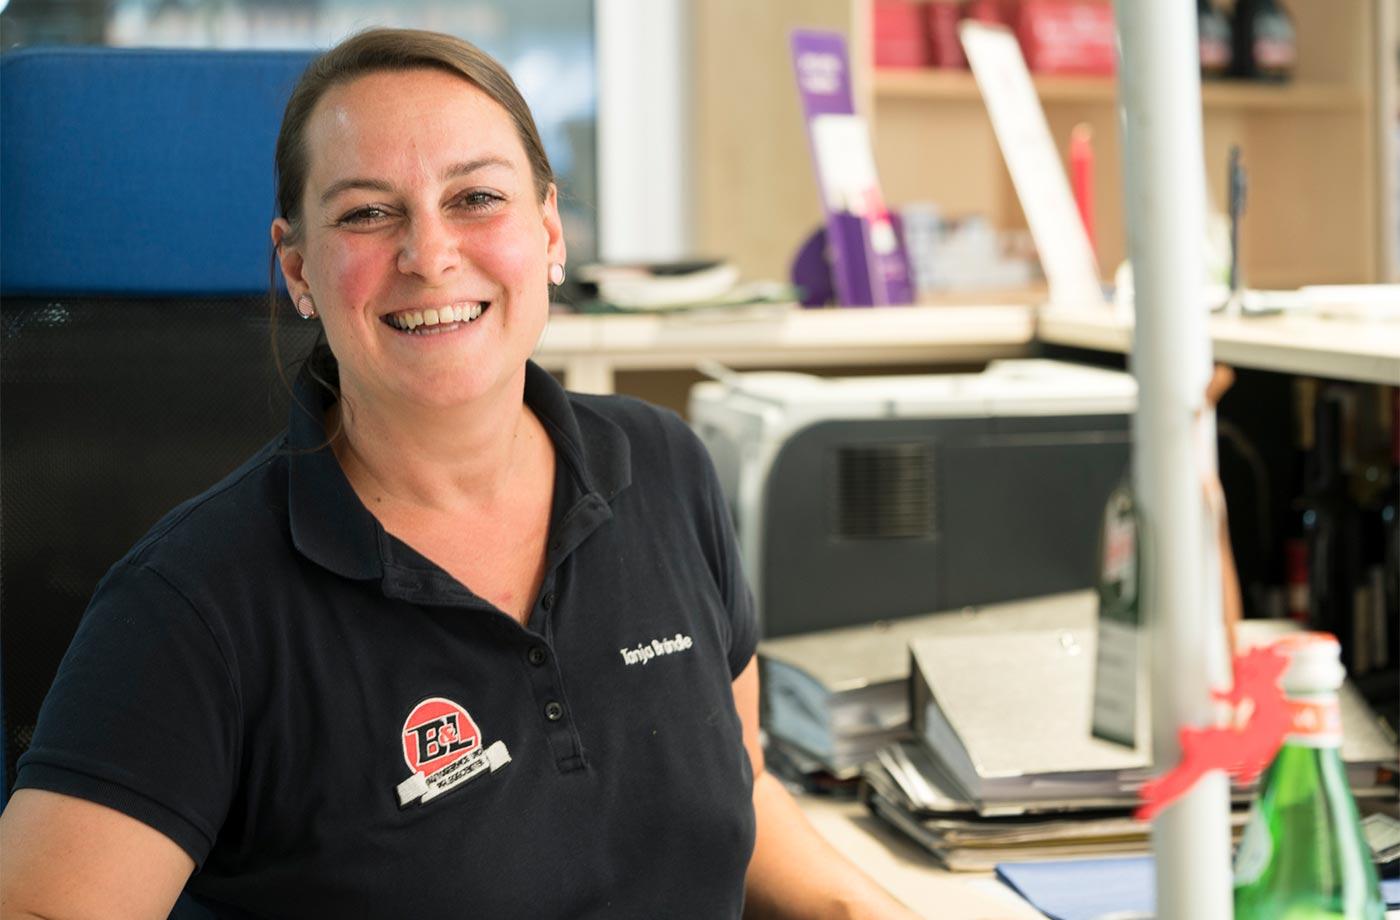 Die Chefin Tanja Brändle